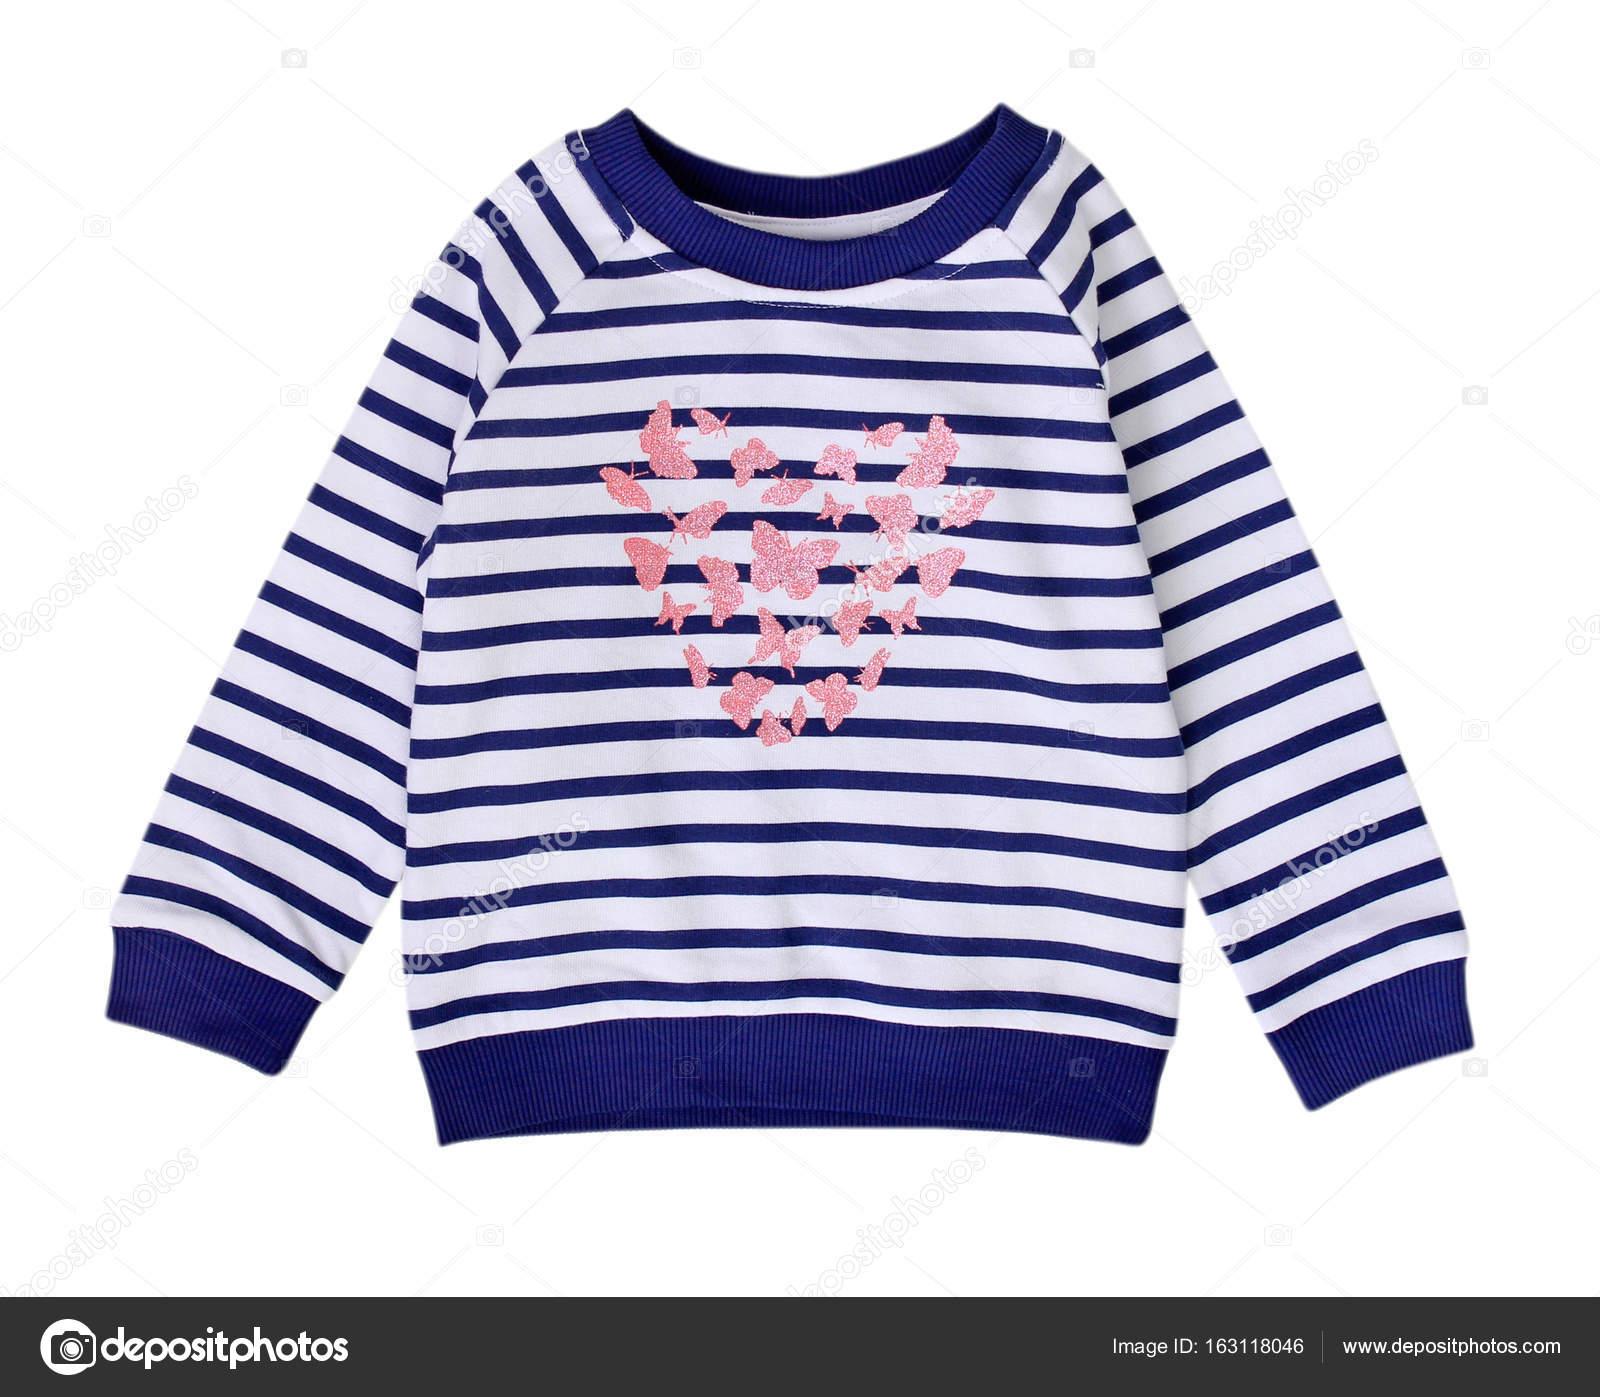 13cac7c75a2 Mikina Stried chytré dítě izolované na bílém. Dětské tričko s potiskem.  Moderní neformální batole oblečení — Fotografie od ...